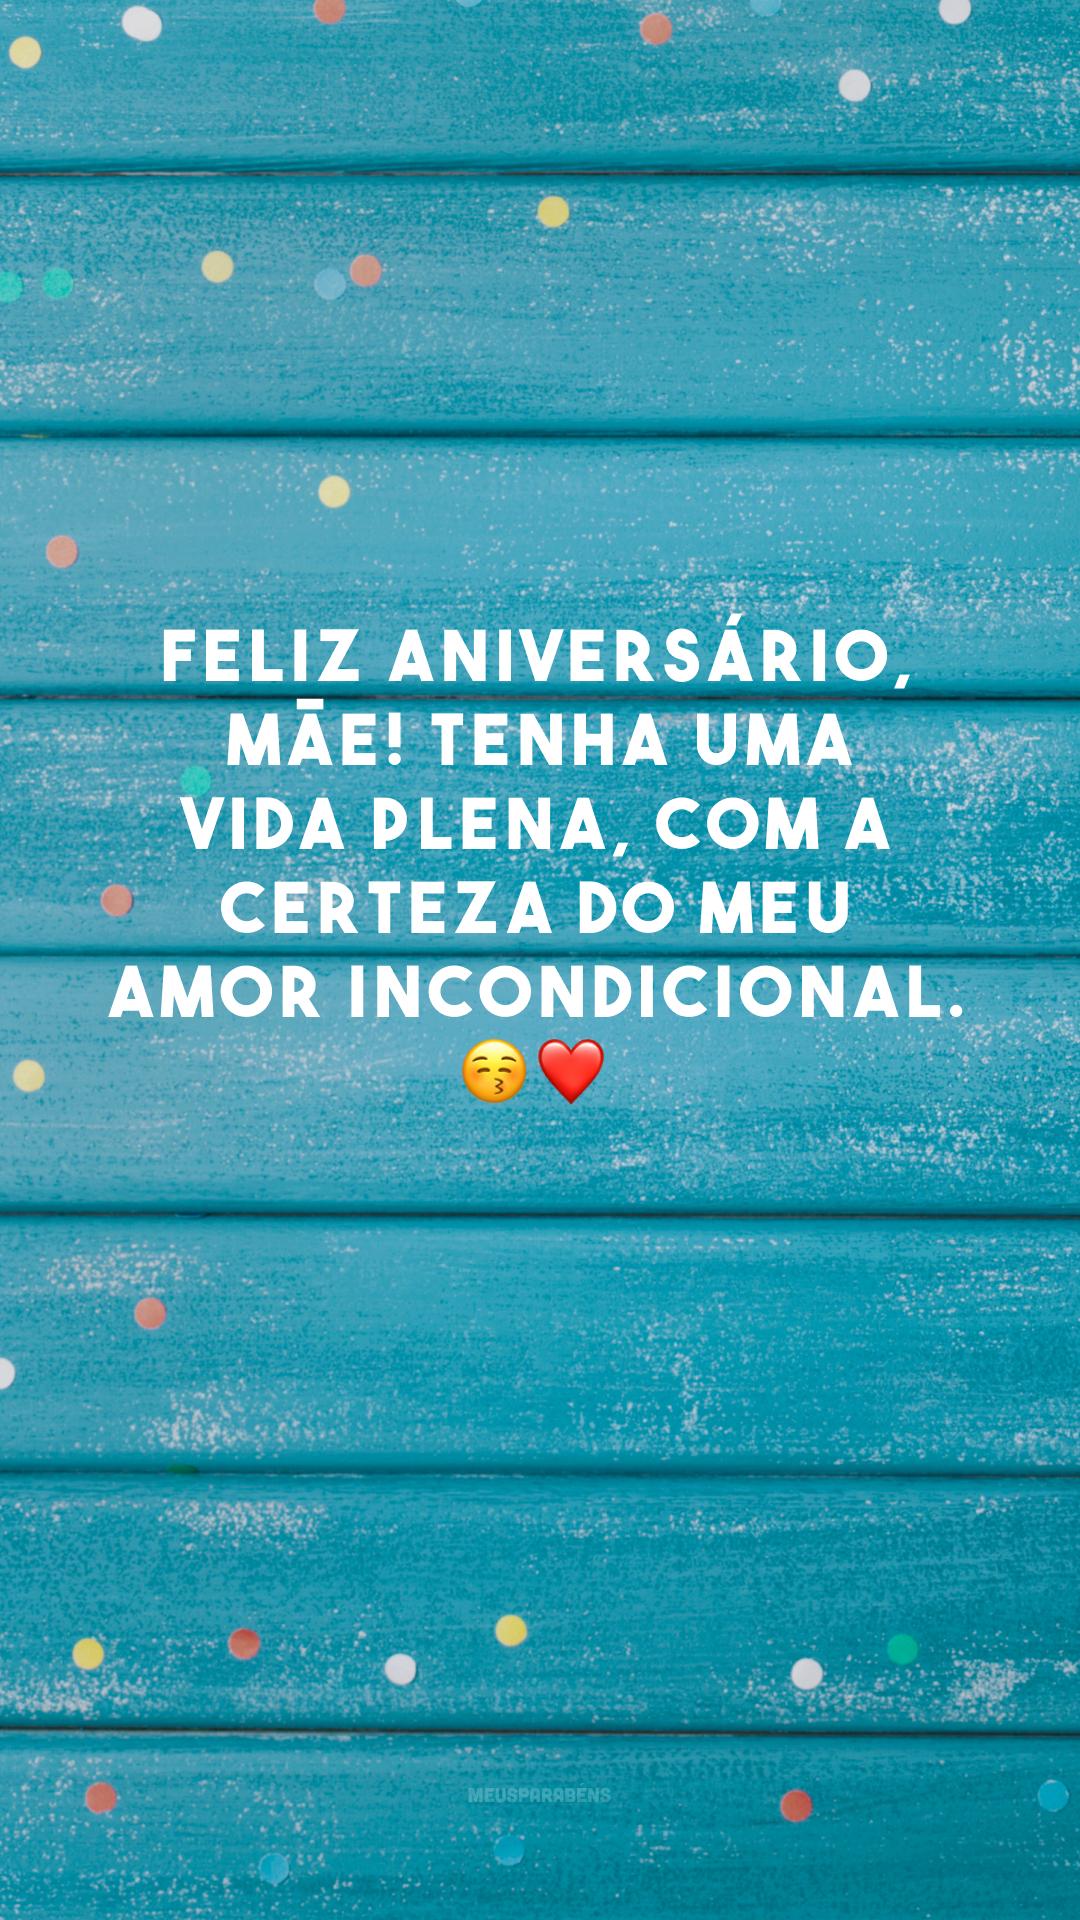 Feliz aniversário, mãe! Tenha uma vida plena, com a certeza do meu amor incondicional. 😚❤️